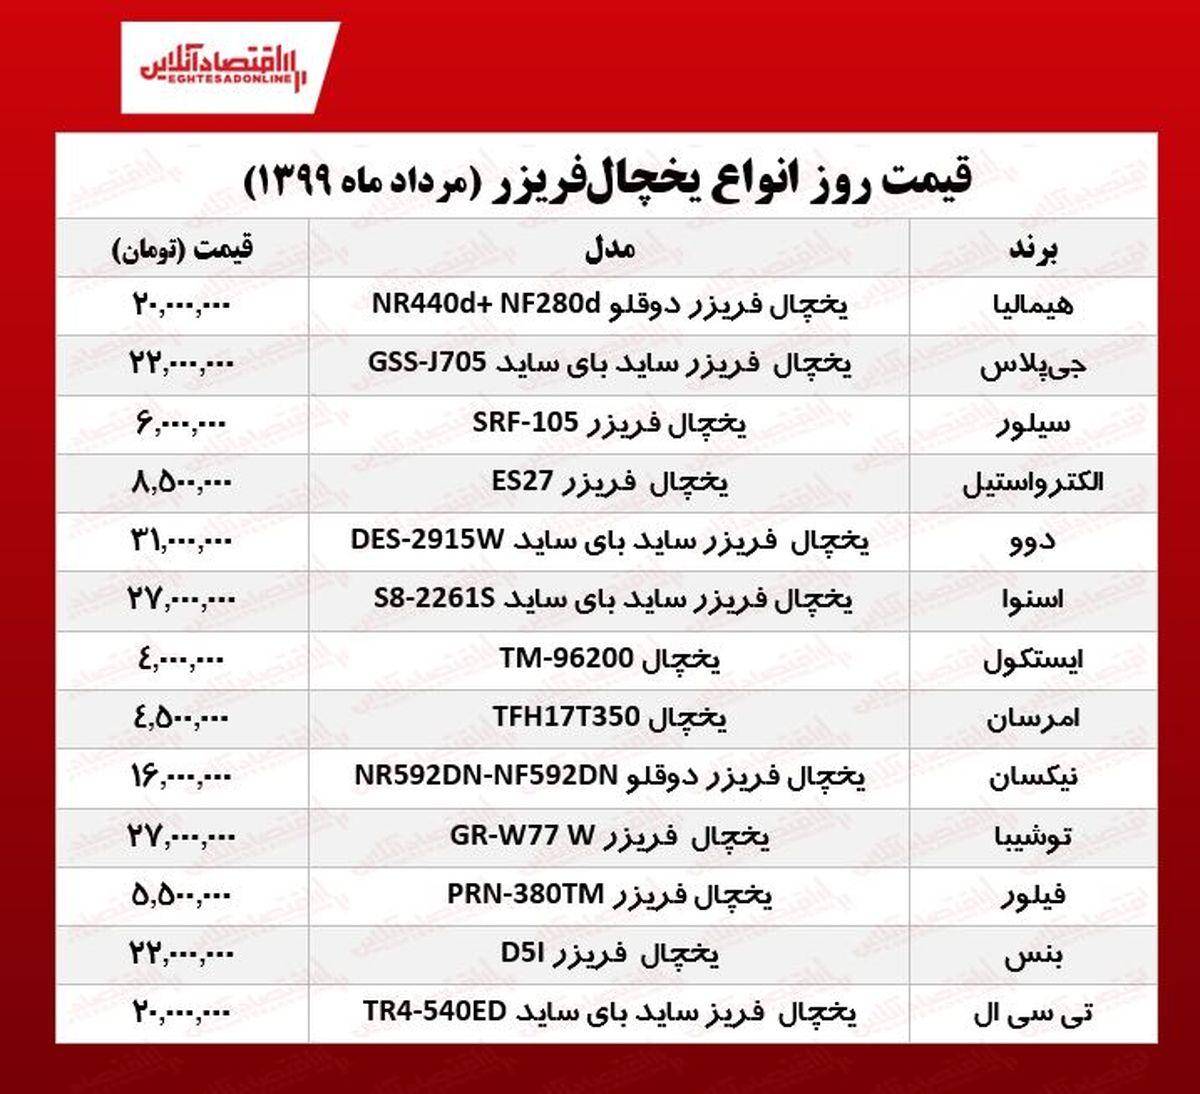 قیمت جدید انواع یخچال فریزر (۱۳۹۹/۵/۲۵)